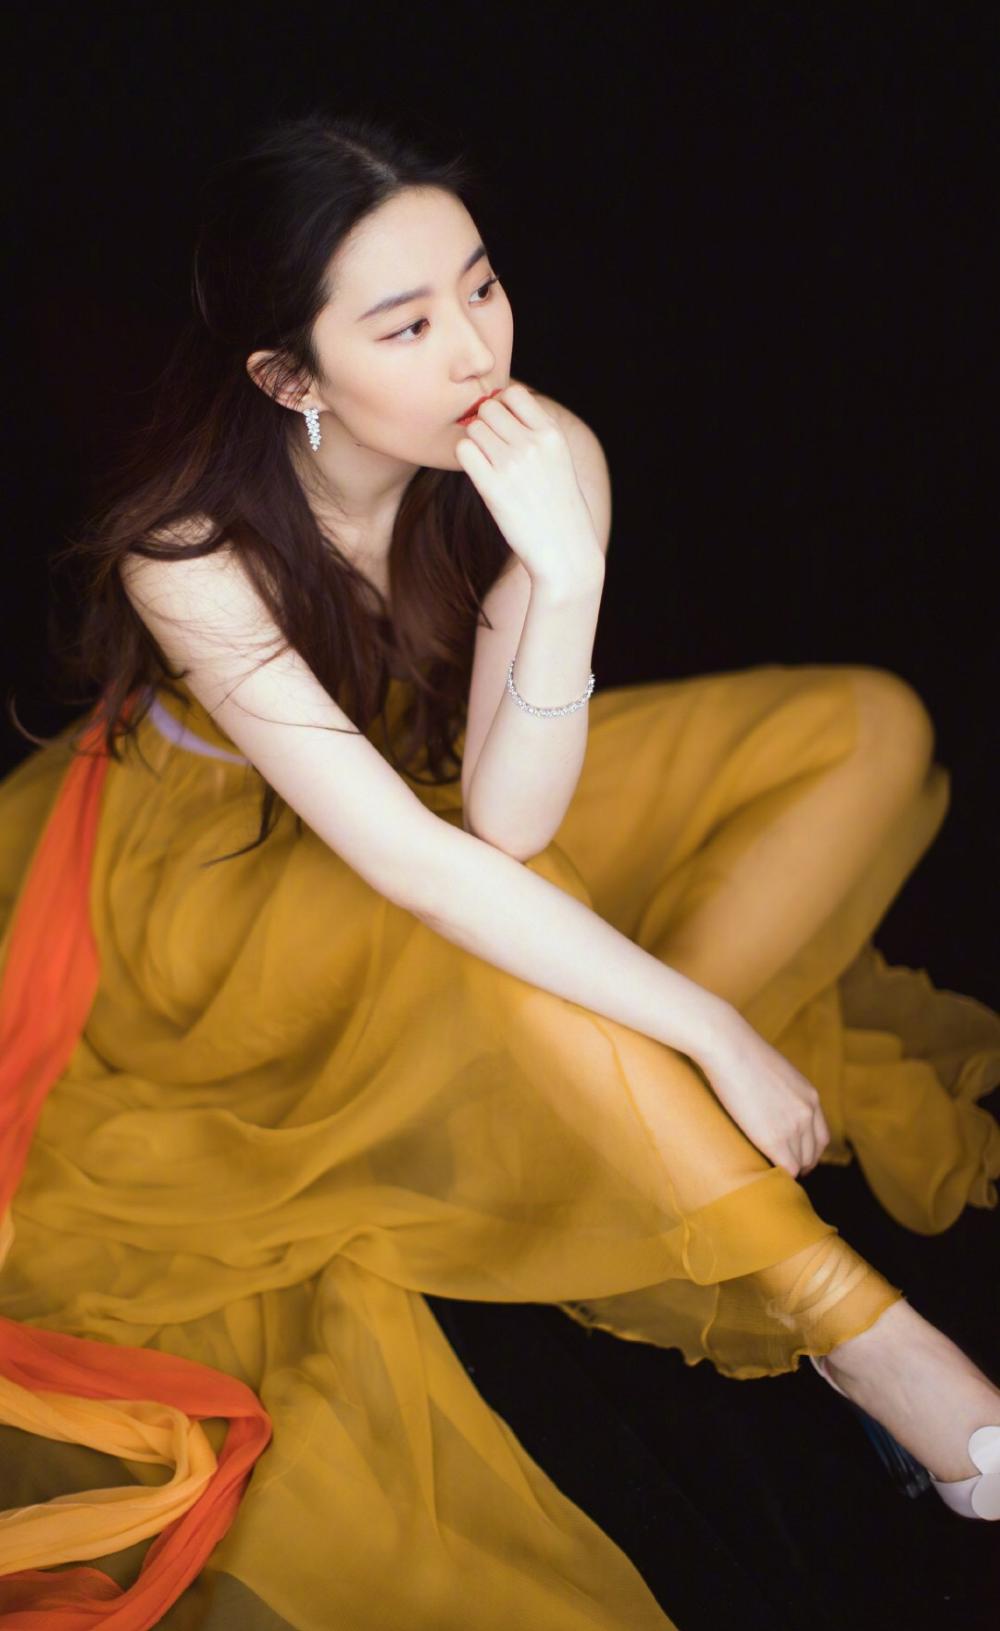 肌肤胜雪,容色绝丽—刘亦菲-第3张图片